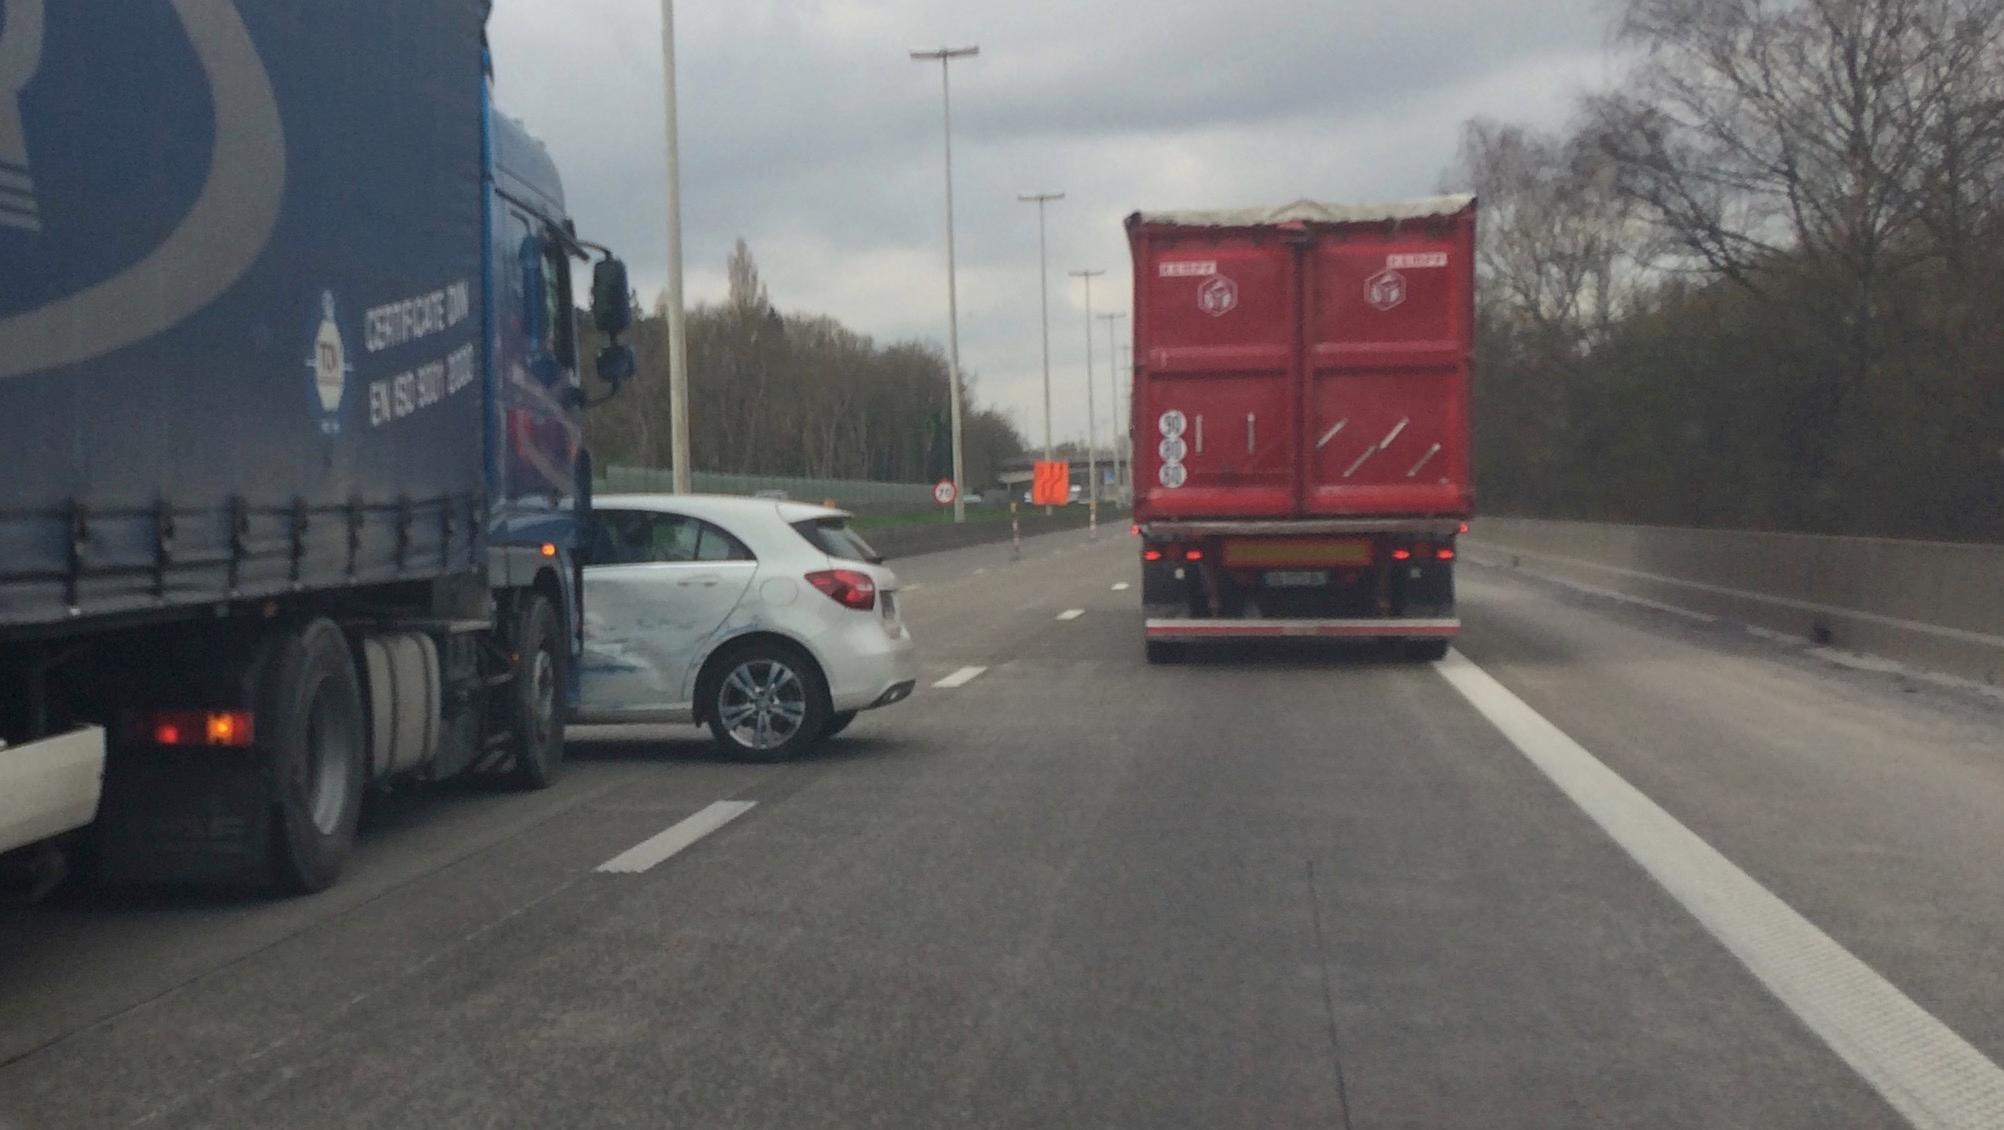 Accident sur le tronçon A8/E42 : Un camion emboutit une voiture française